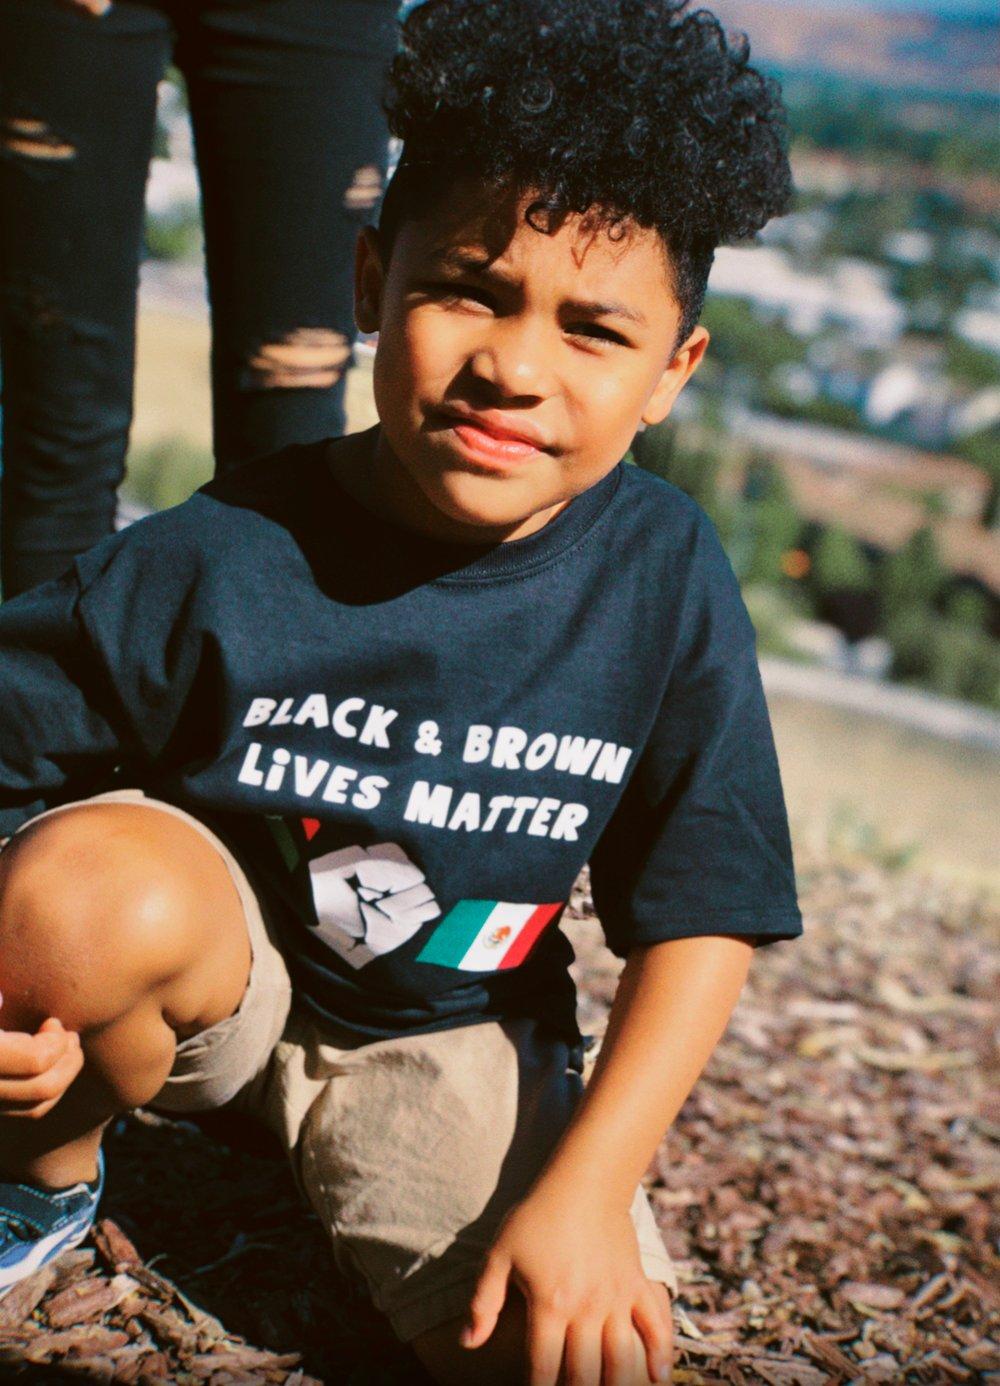 Black & Brown Lives Matter t-Shirt